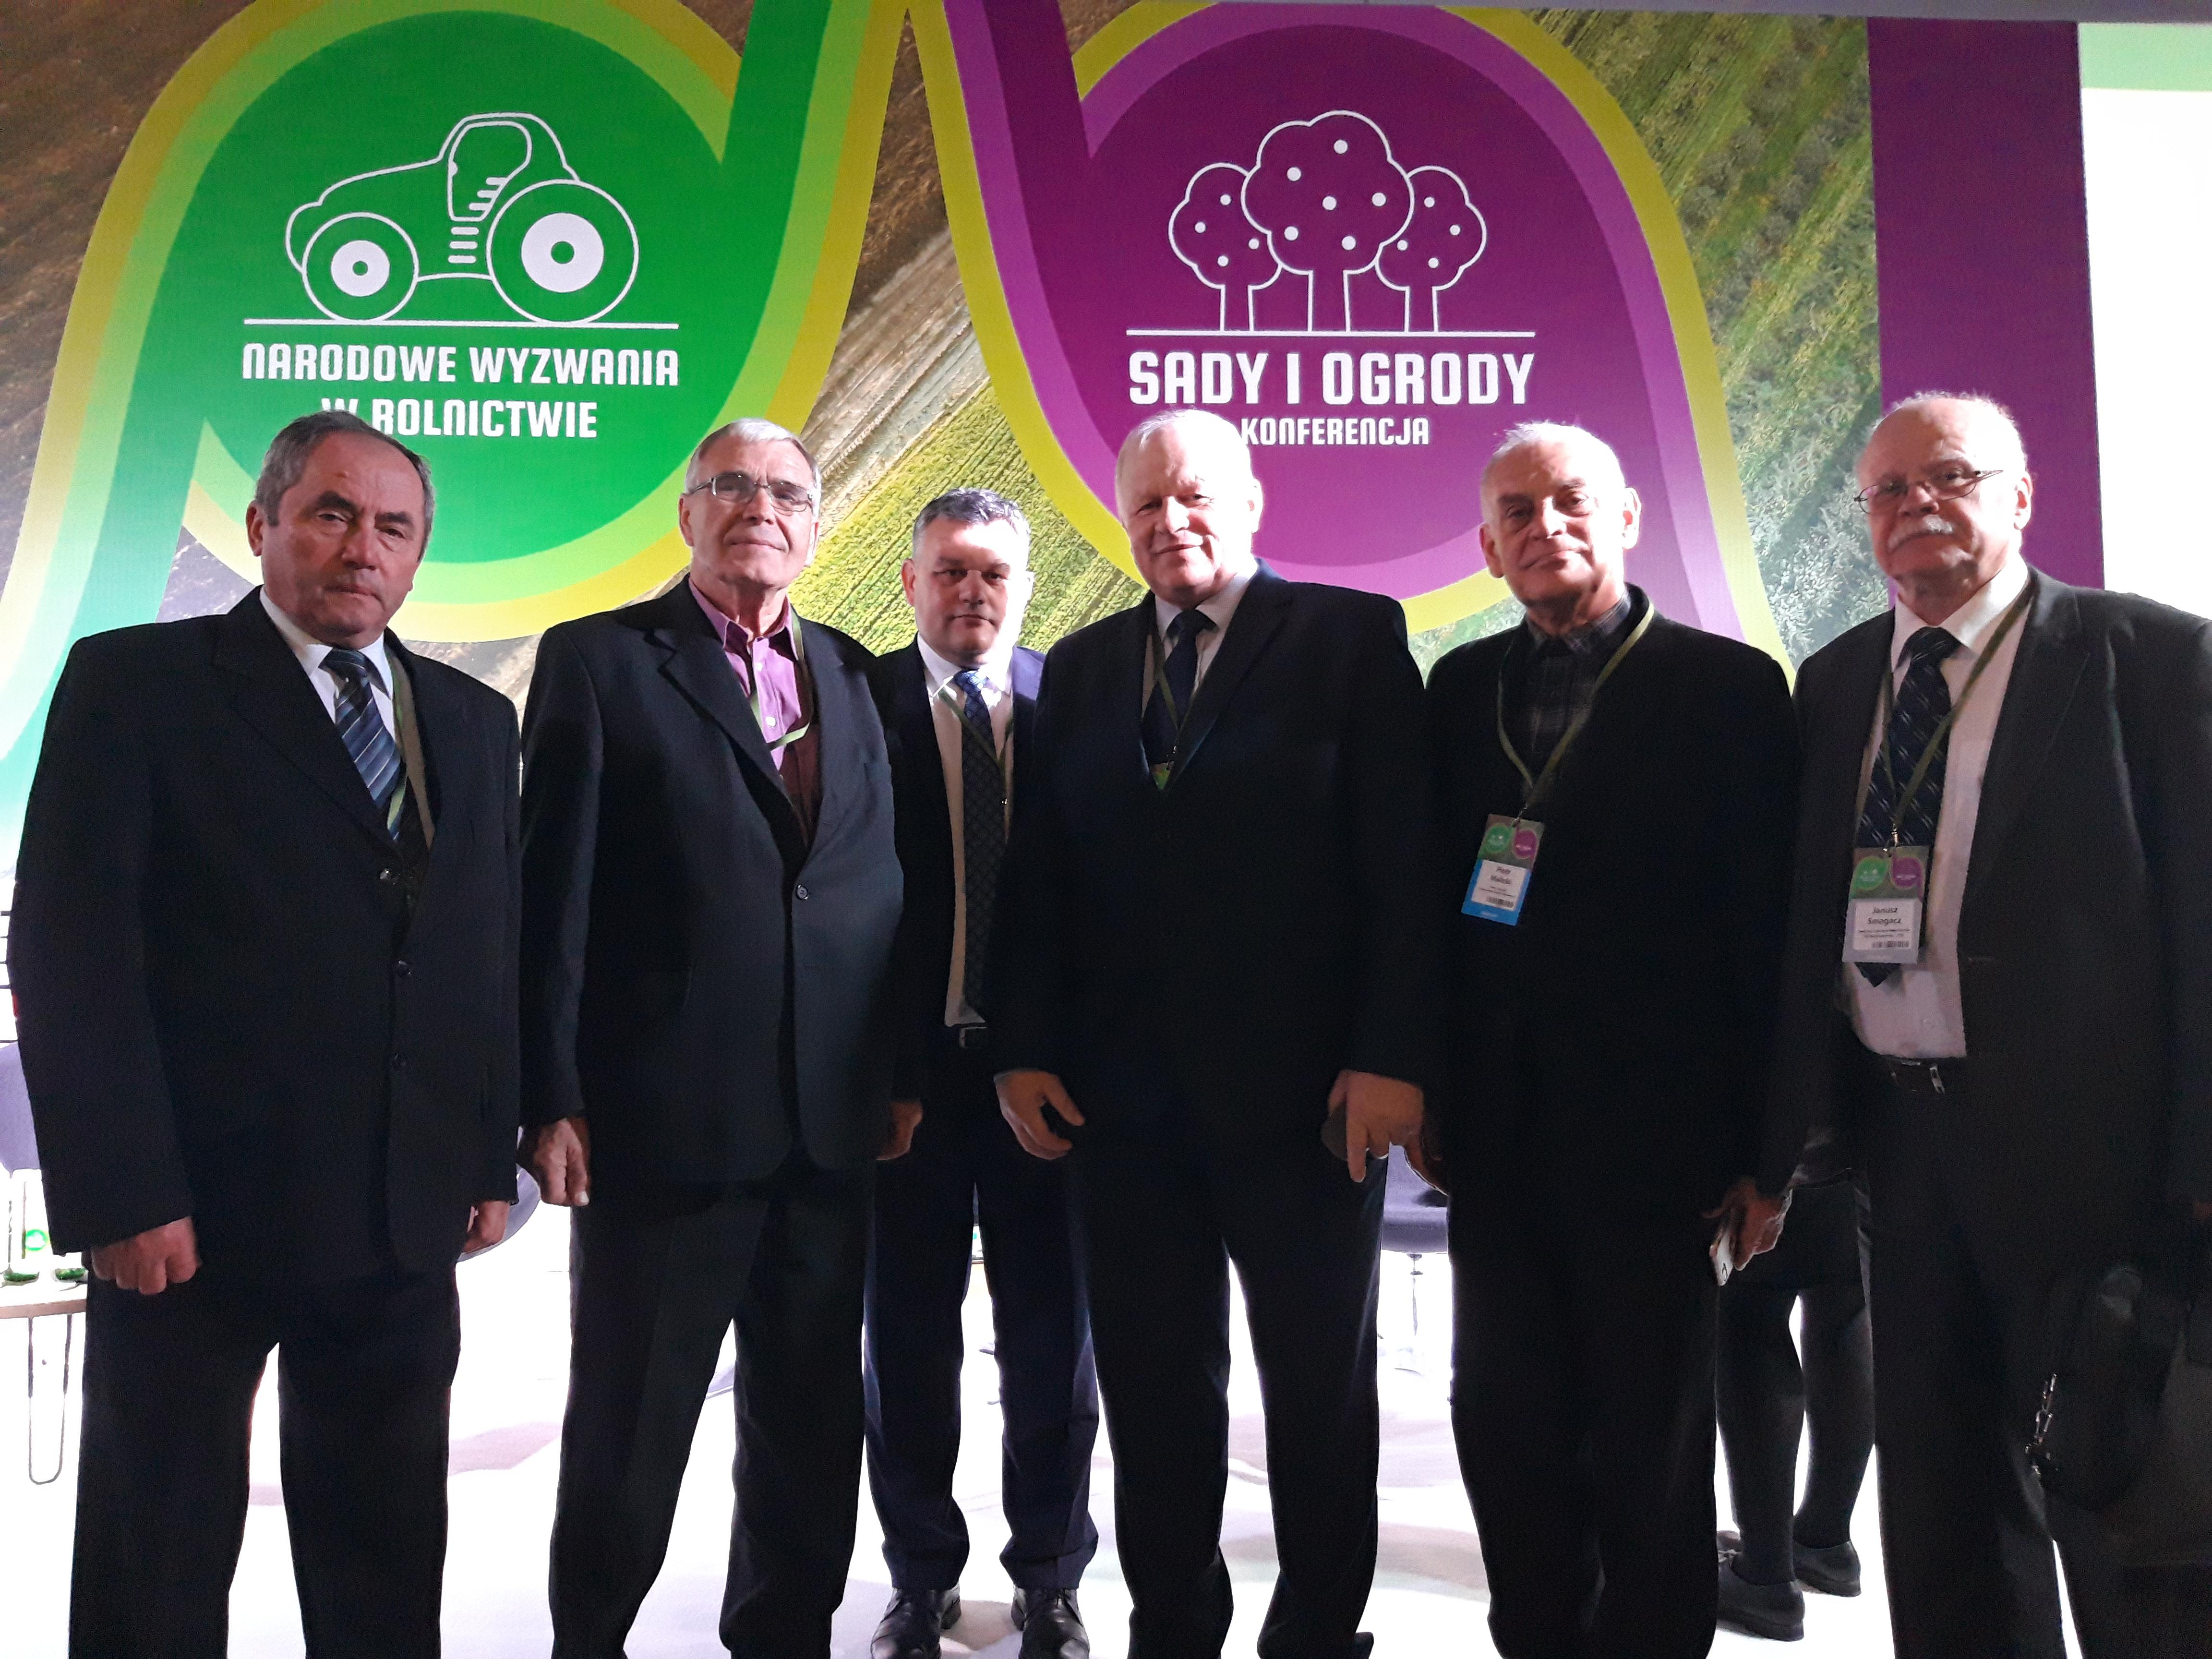 Zarząd PZPRZ na konferencji Narodowe Wyzwania w Rolnictwie